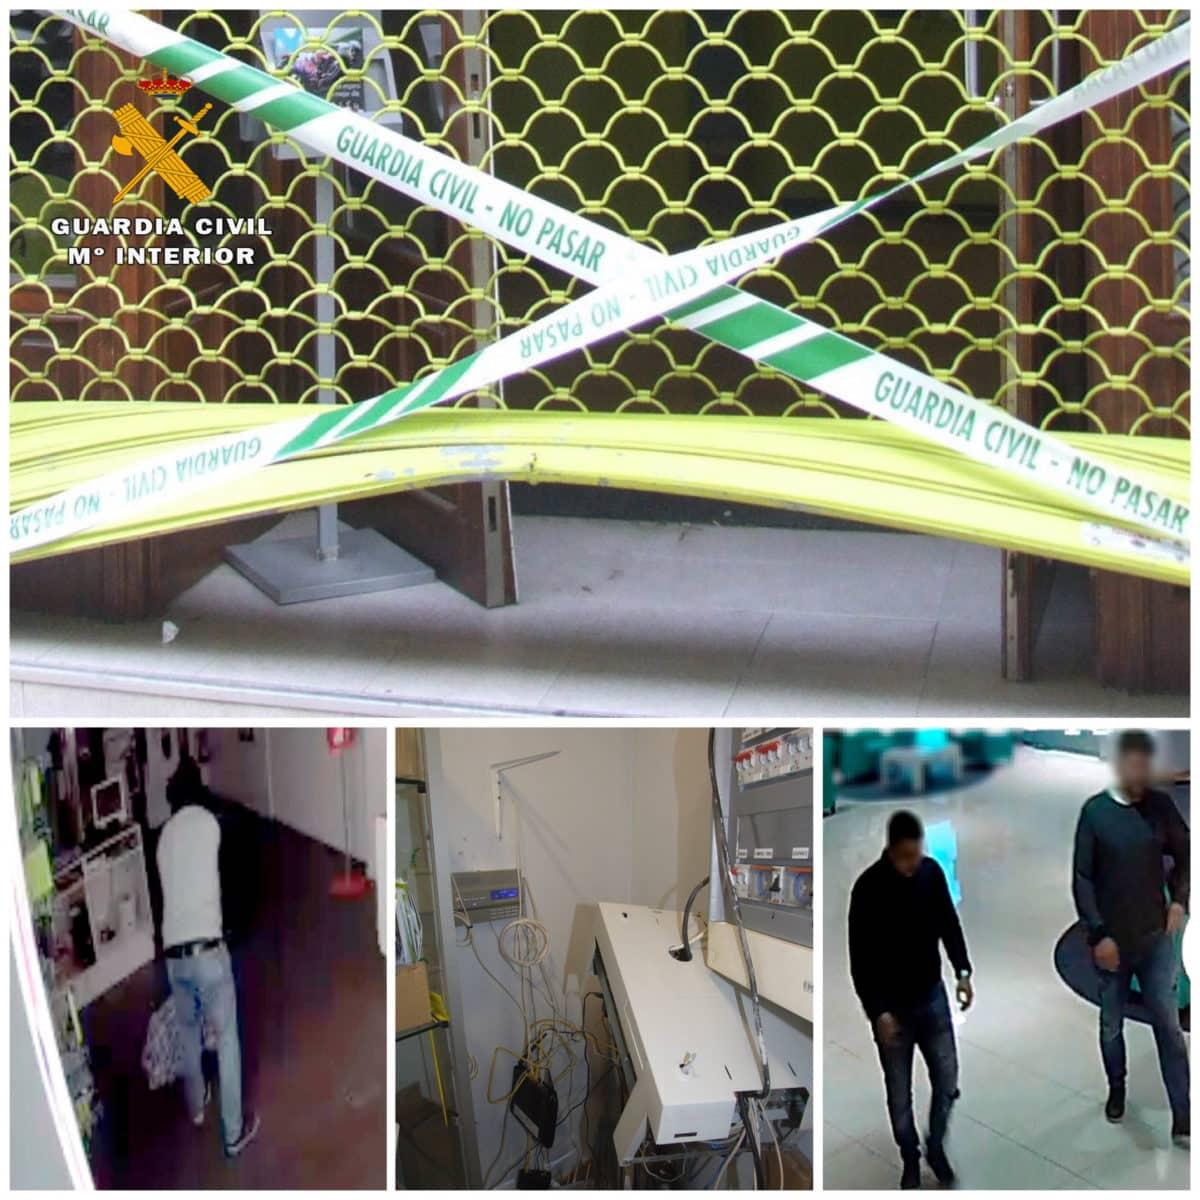 Detenido un grupo criminal que robó en una tienda de telefonía móvil de Haro hasta en dos ocasiones 1